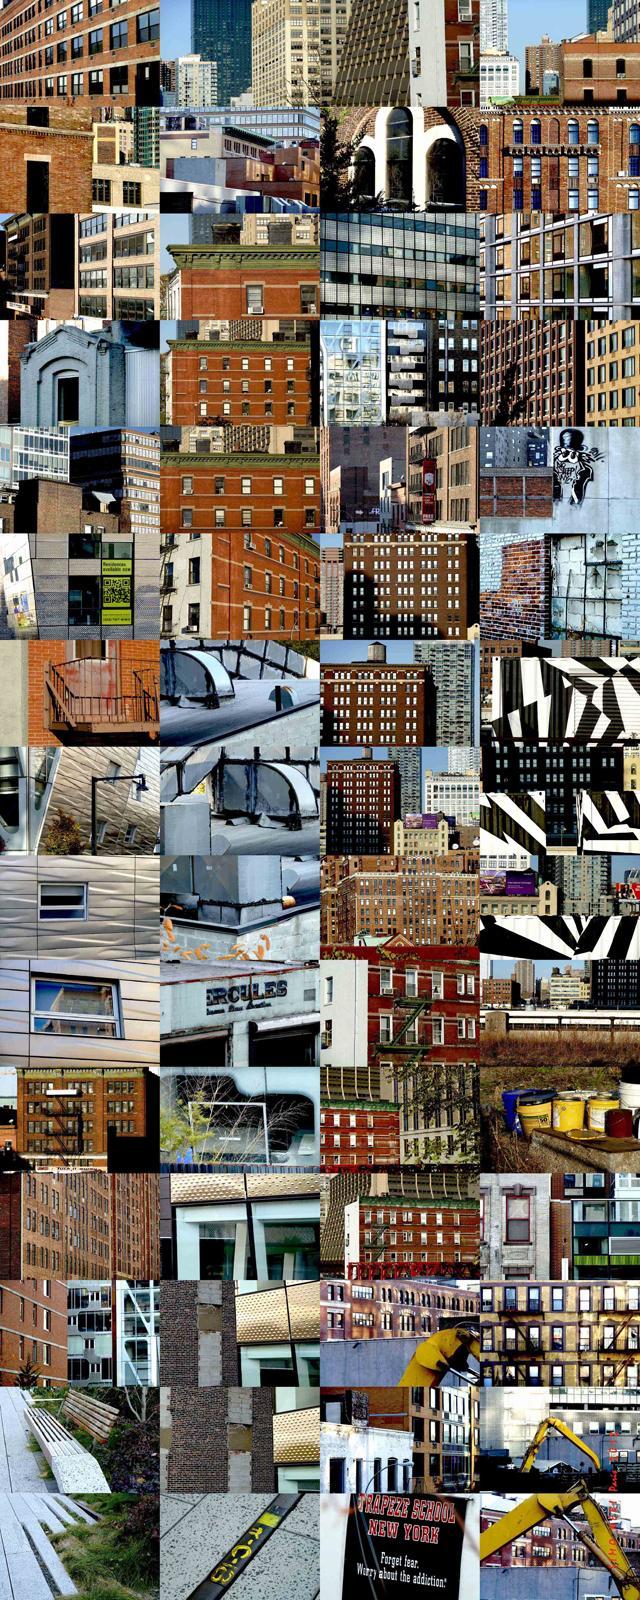 Simo Neri - How New York's High Line inspires art - 3